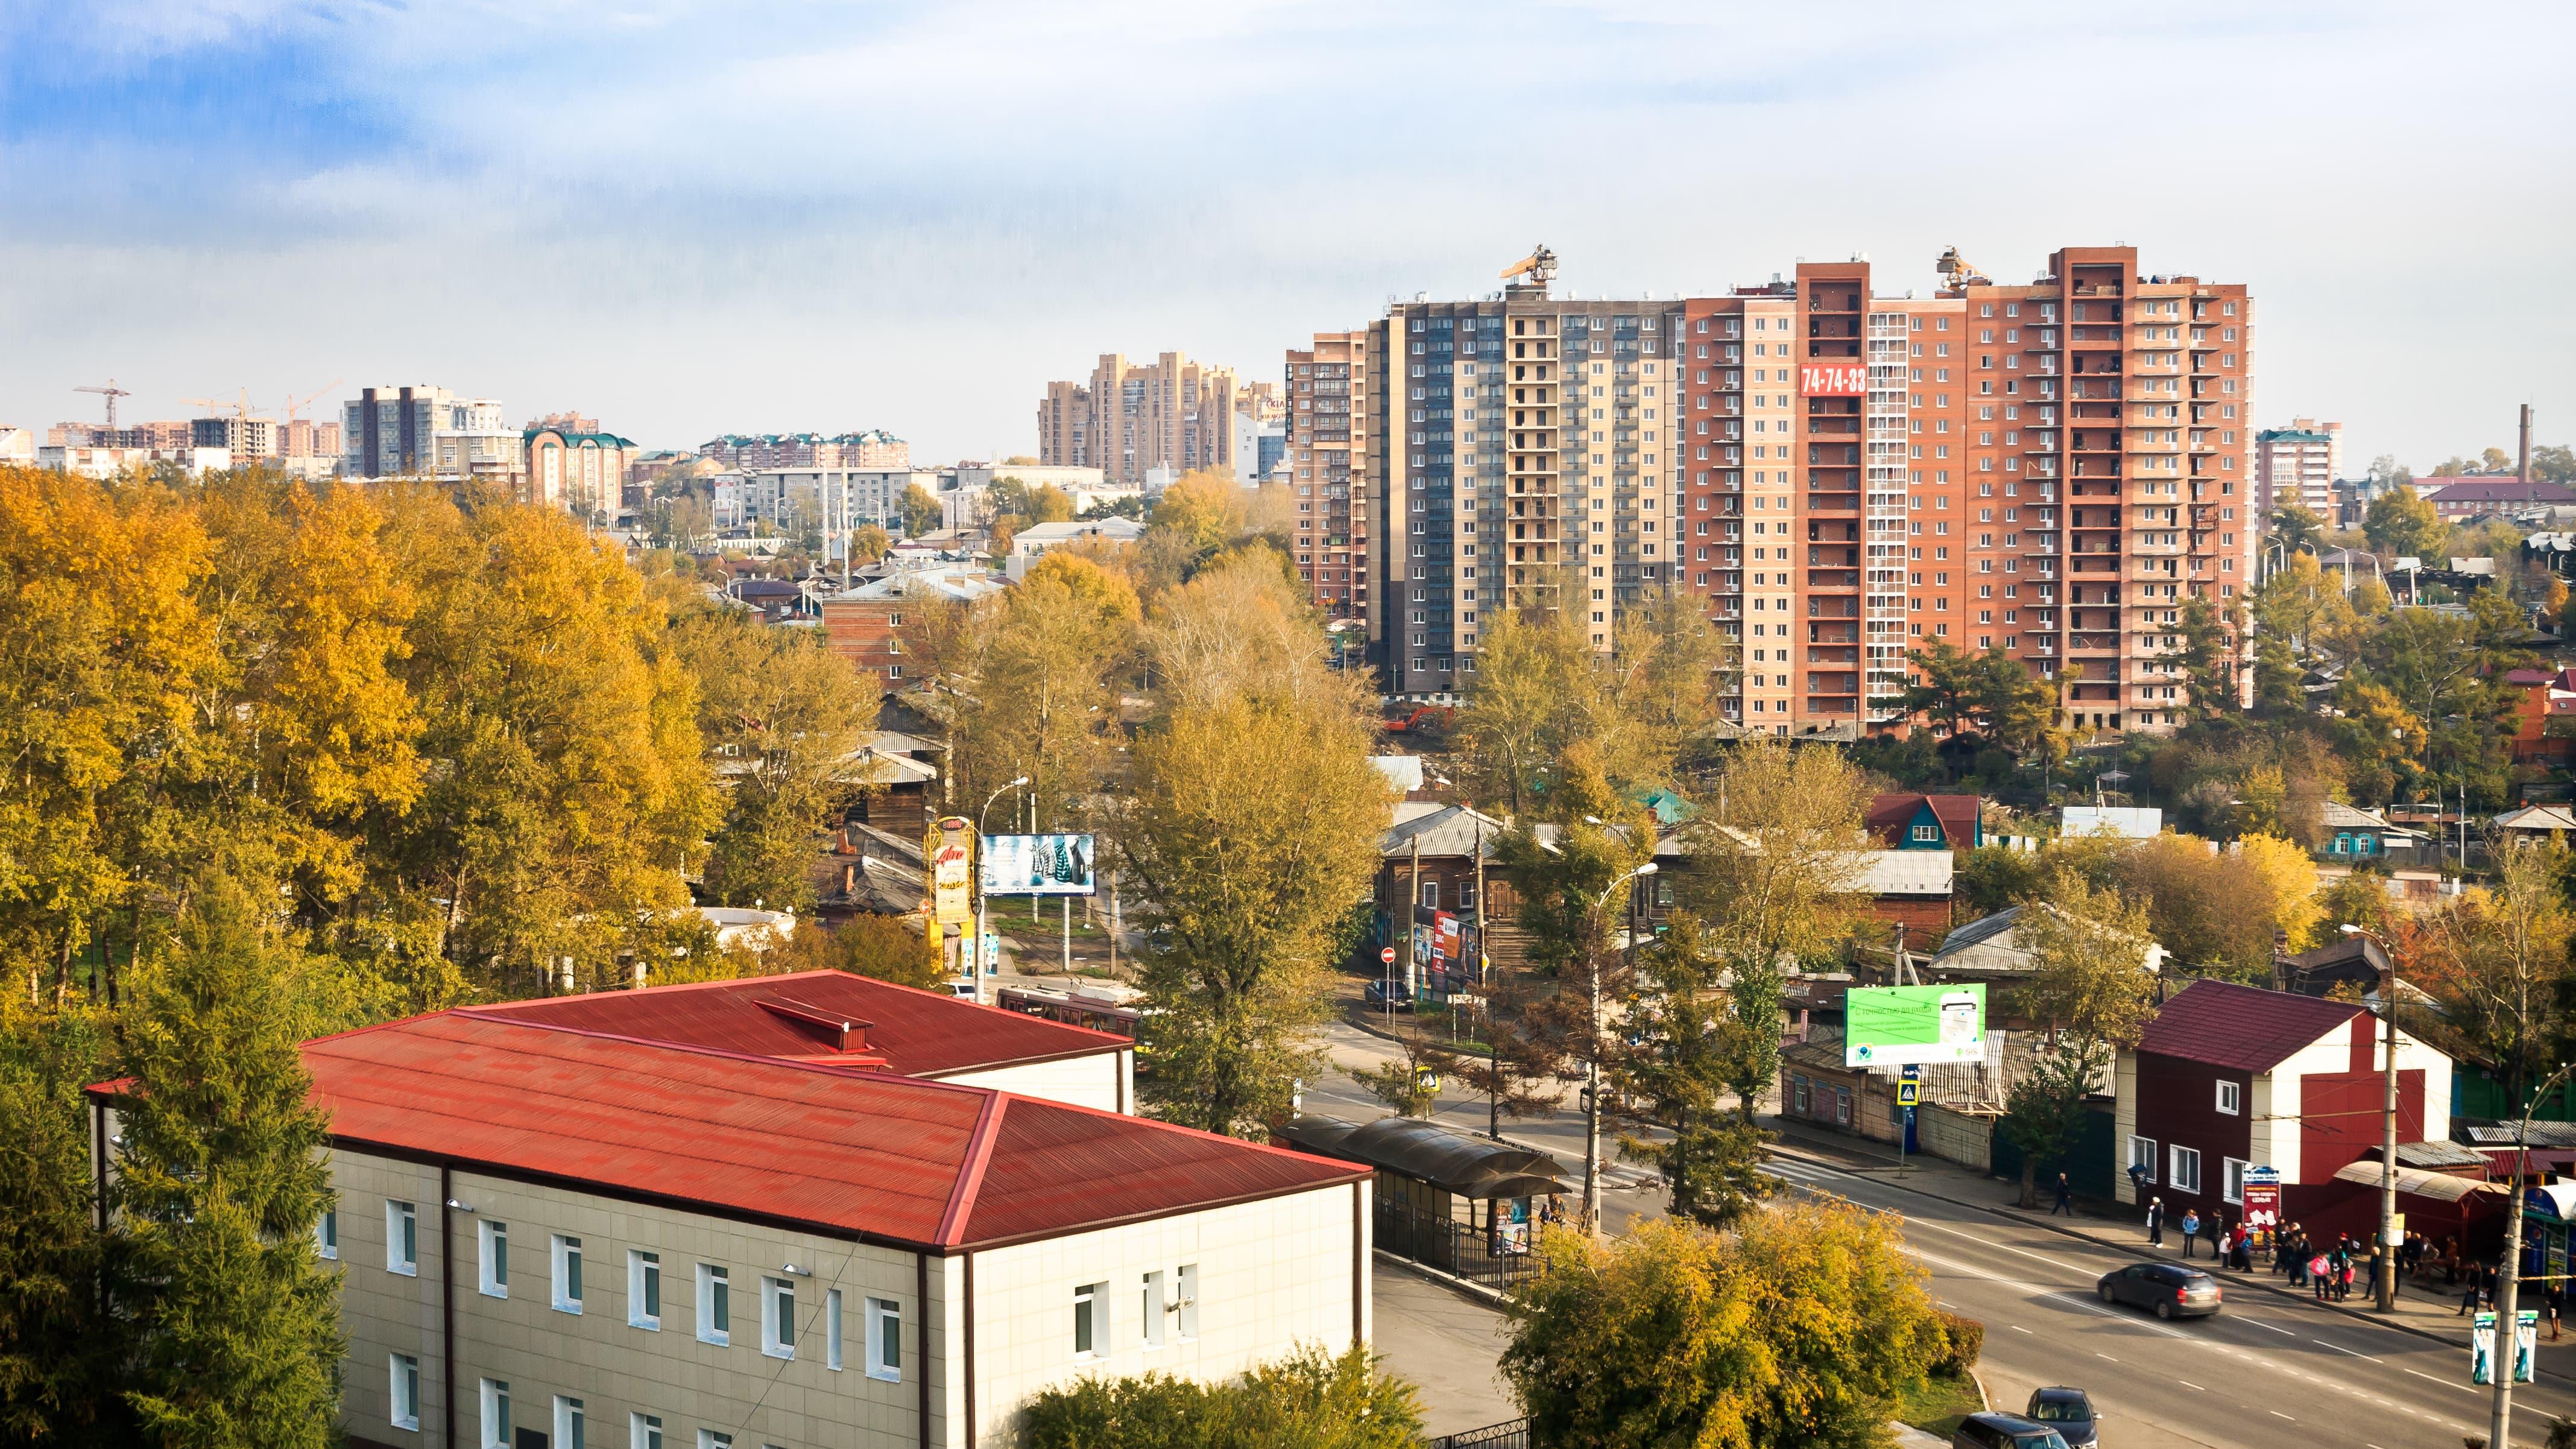 Переулок Строительный, 8 - Иркутск - вид издалека